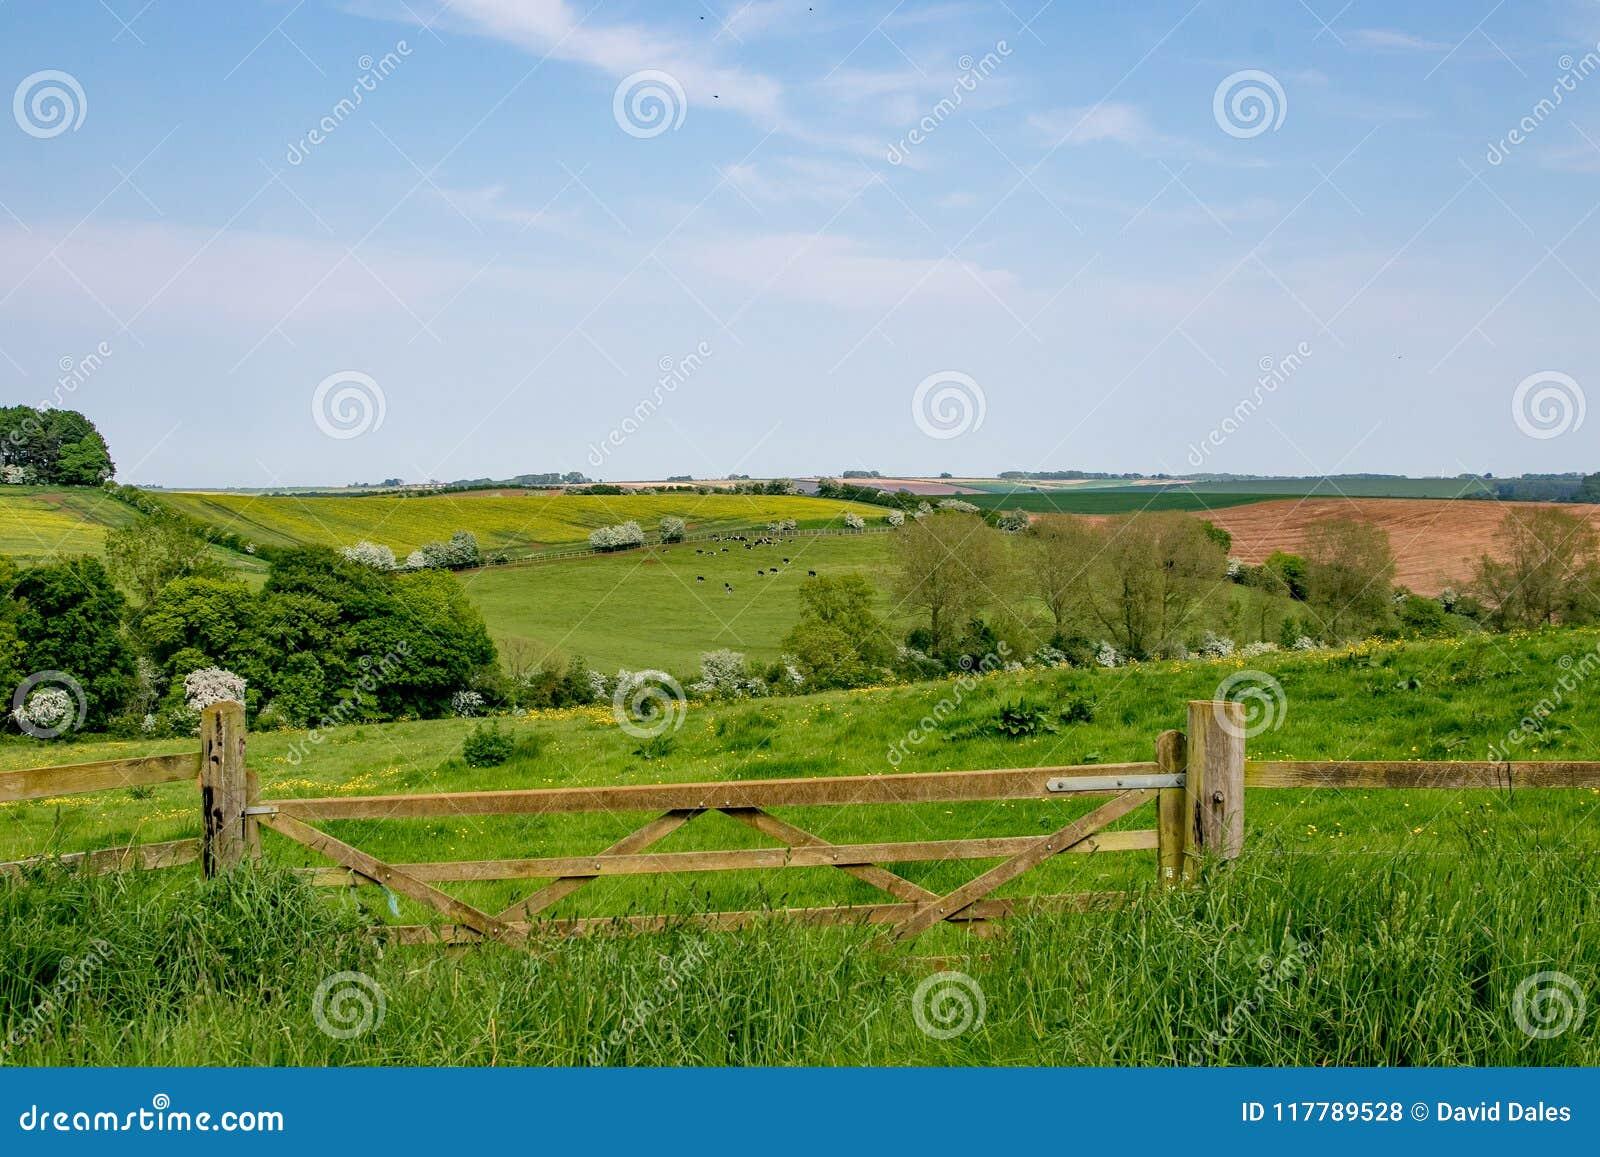 Wczesne lato widok toczna Angielska wieś